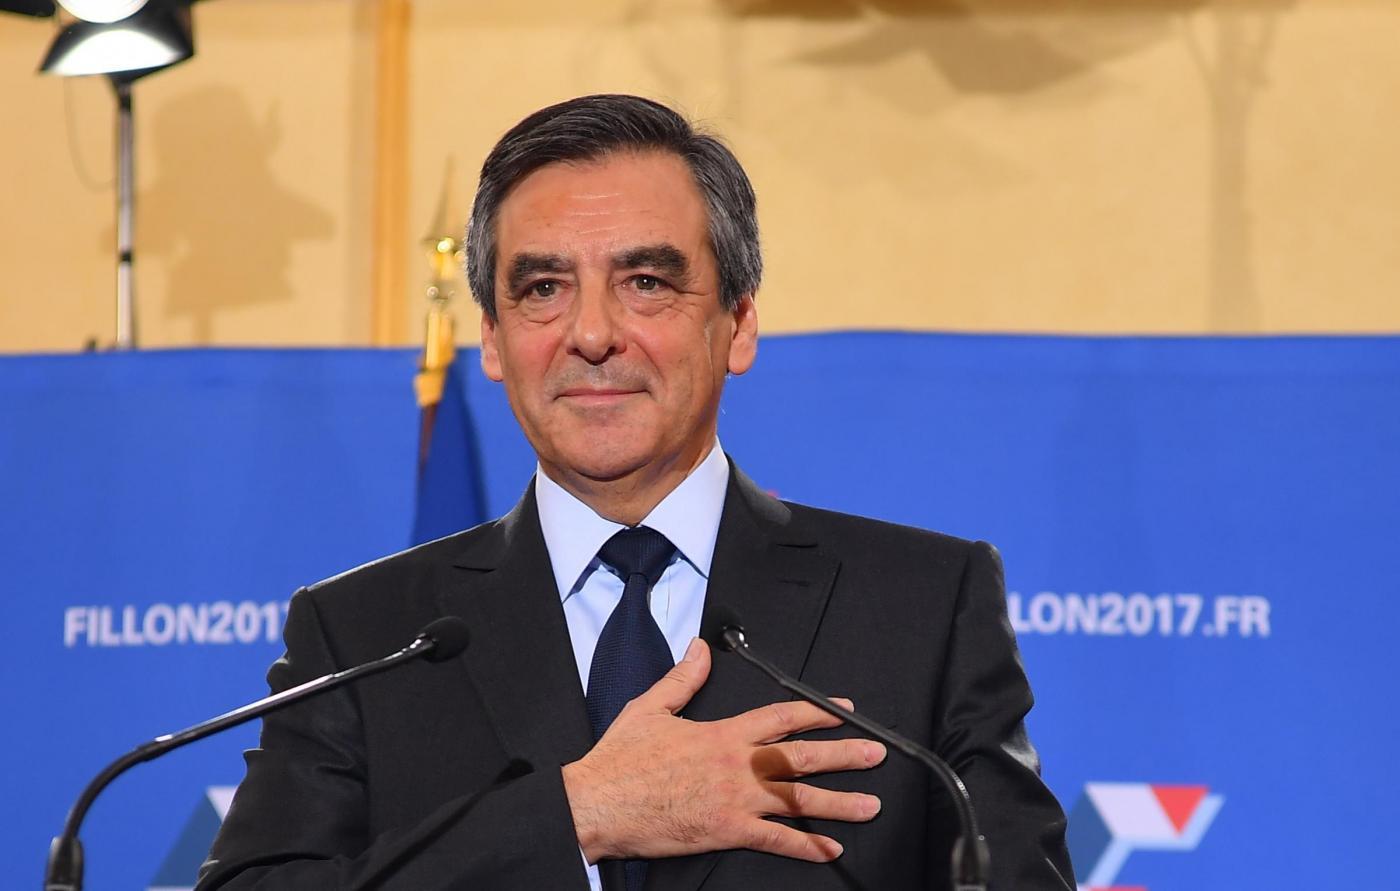 Presidenziali in Francia, vince Fillon: chi è il candidato del centrodestra all'Eliseo